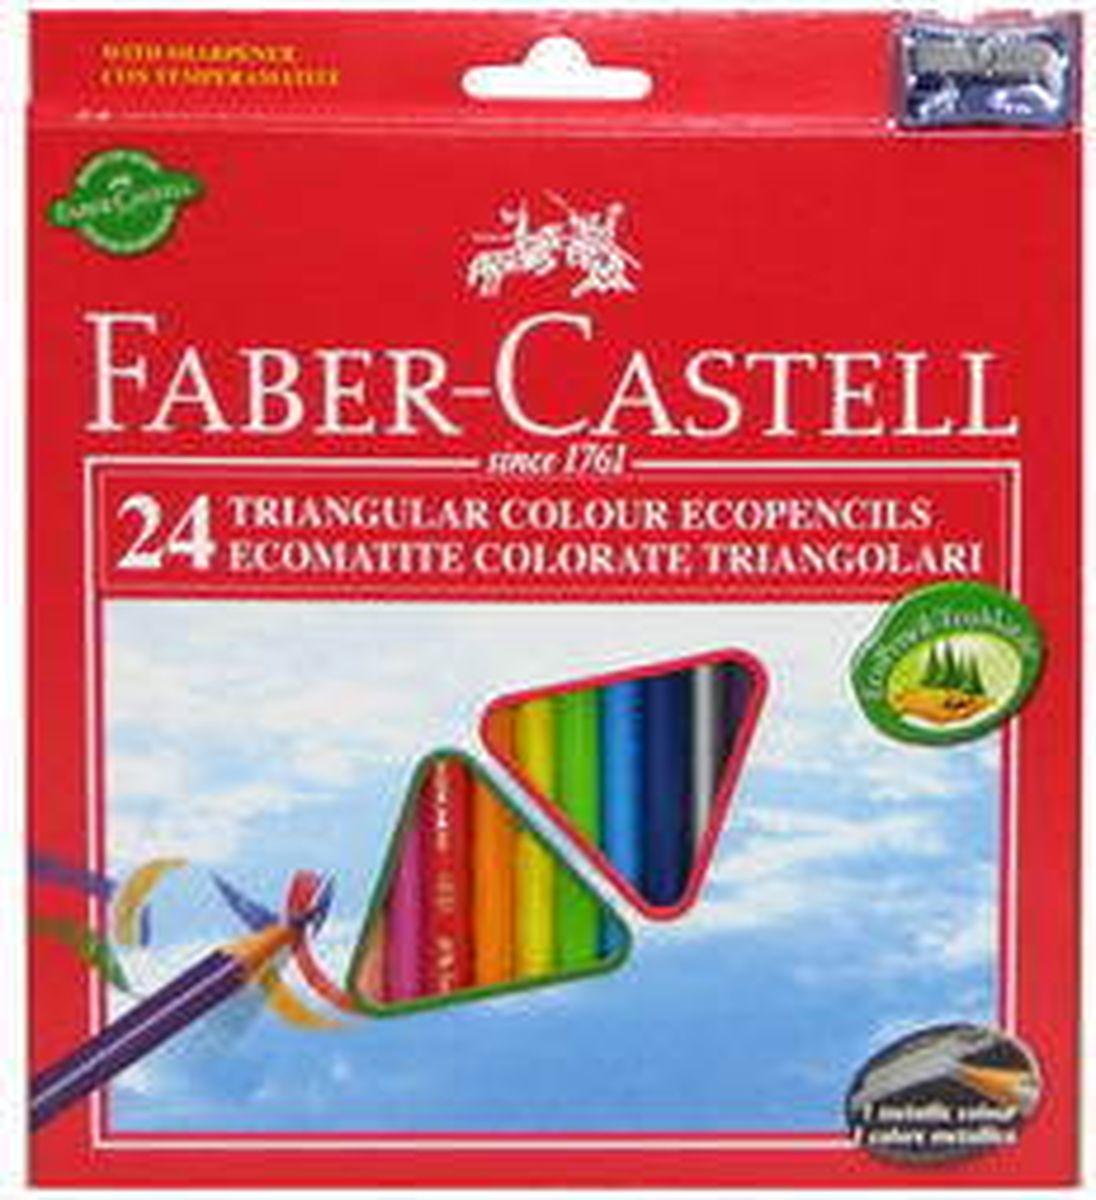 Faber-Castell Набор цветных карандашей Eco с точилкой 24 шт бра mantra 4954